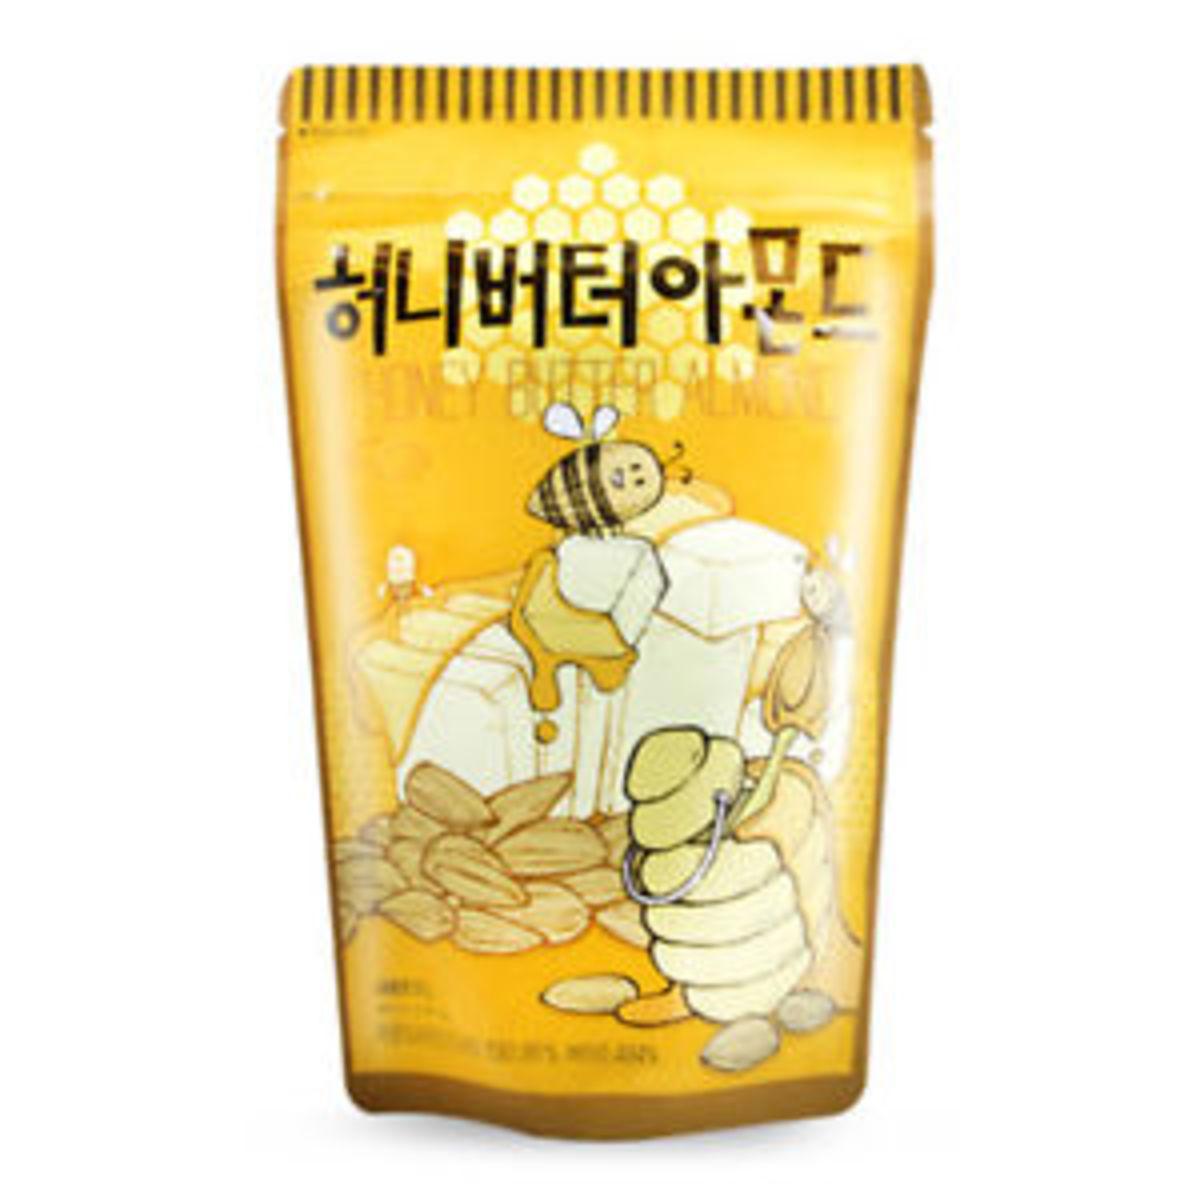 Tom's Korean Honey Cream Almond 250g